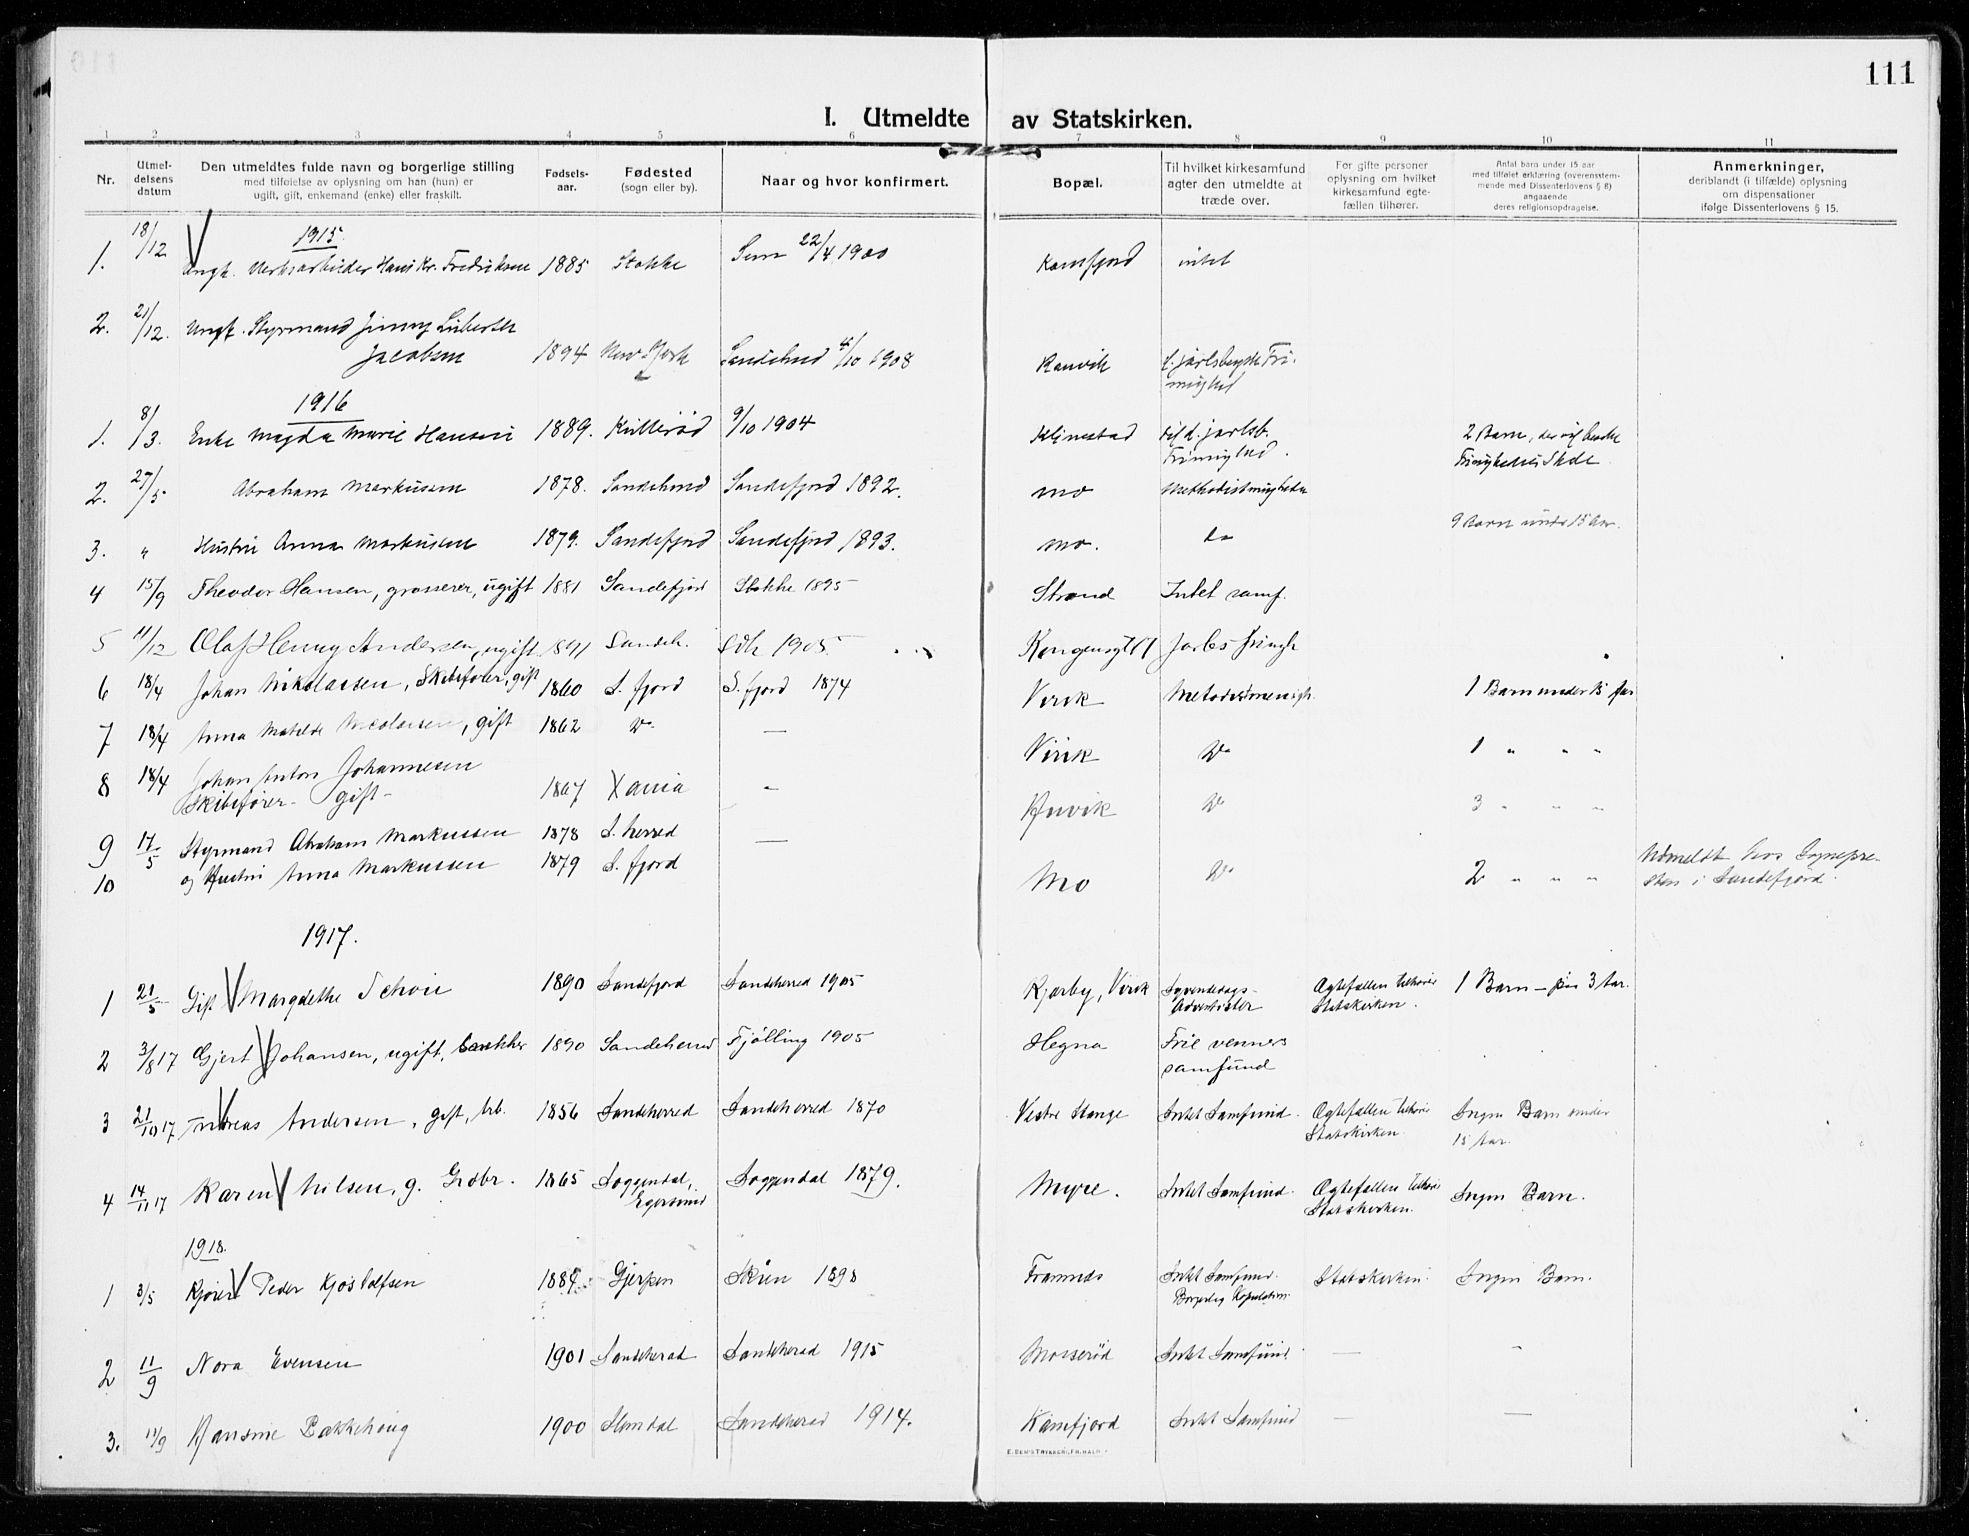 SAKO, Sandar kirkebøker, F/Fa/L0020: Ministerialbok nr. 20, 1915-1919, s. 111